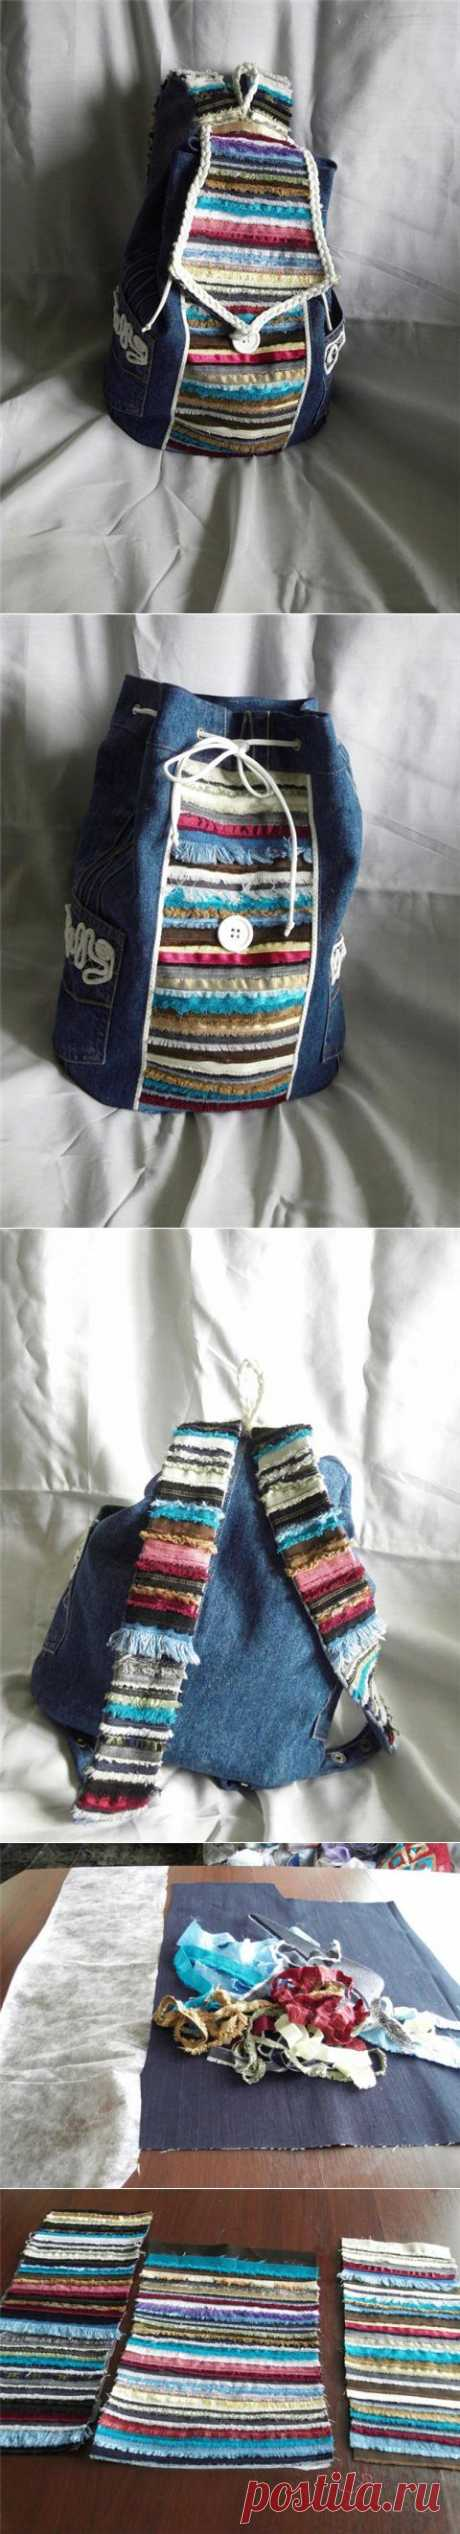 Обалденно красивый рюкзак из джинсов.